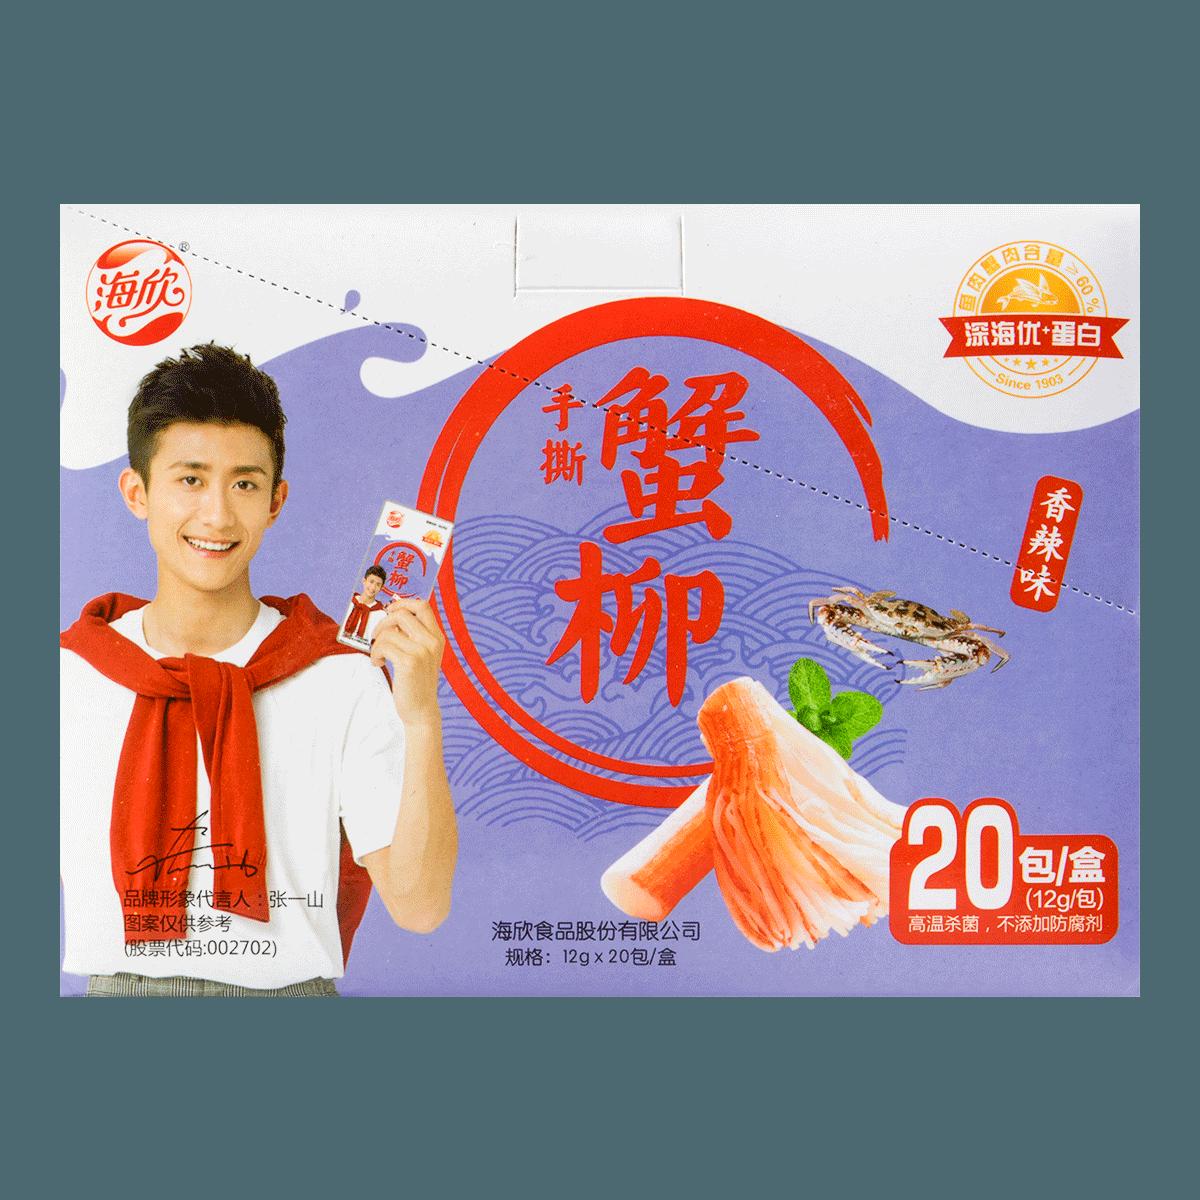 海欣 手撕蟹柳 香辣味 20包入 240g